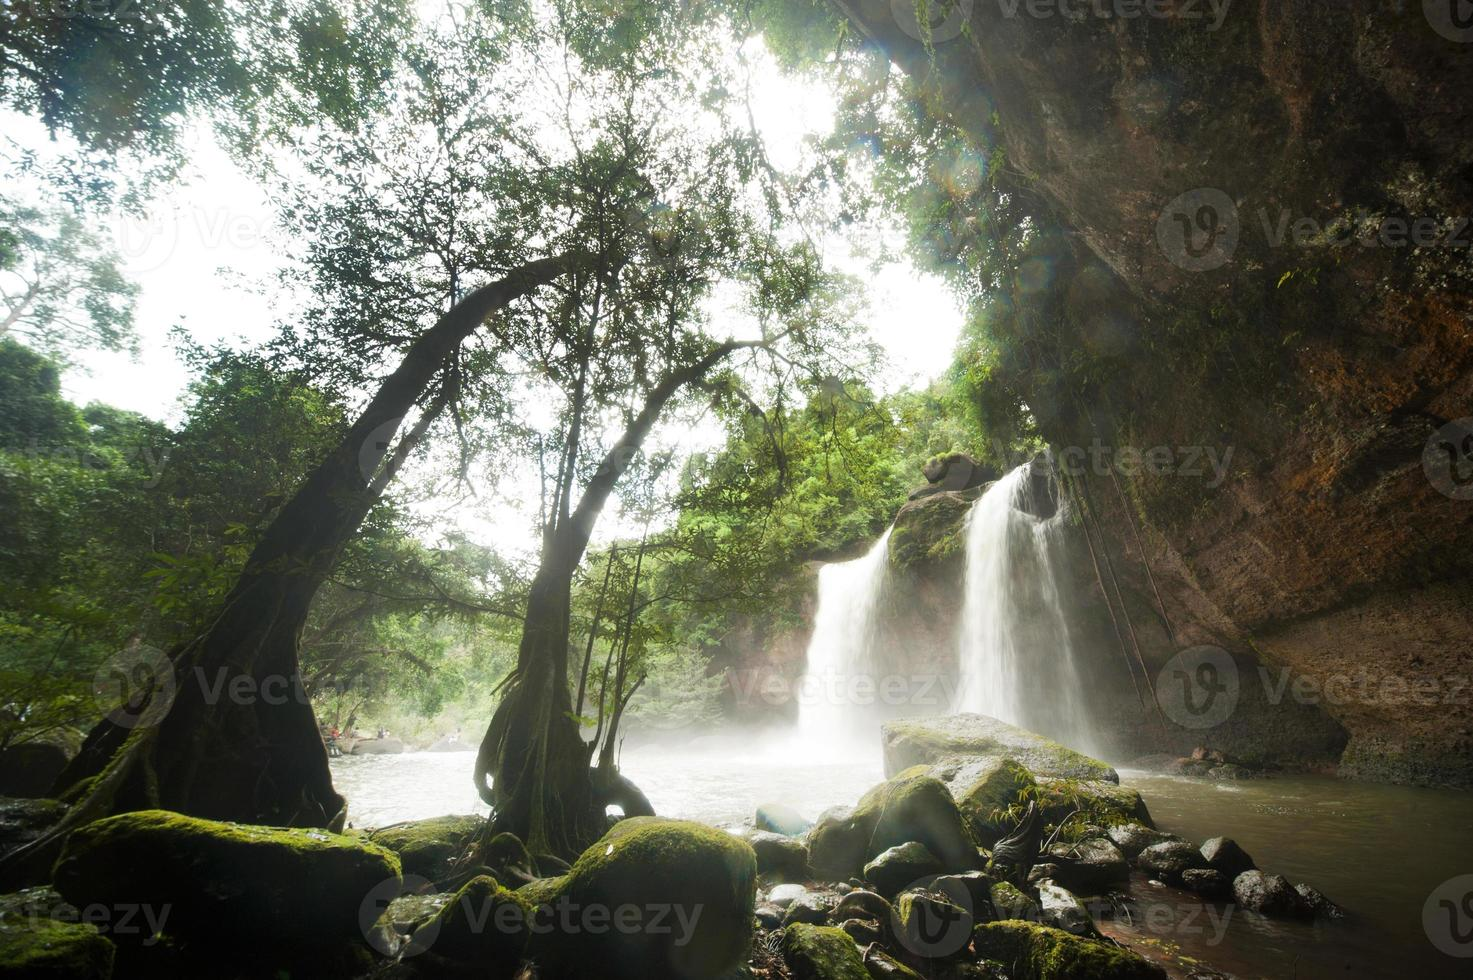 haew suwat cascade dans le parc national de khao yai, thaïlande. photo